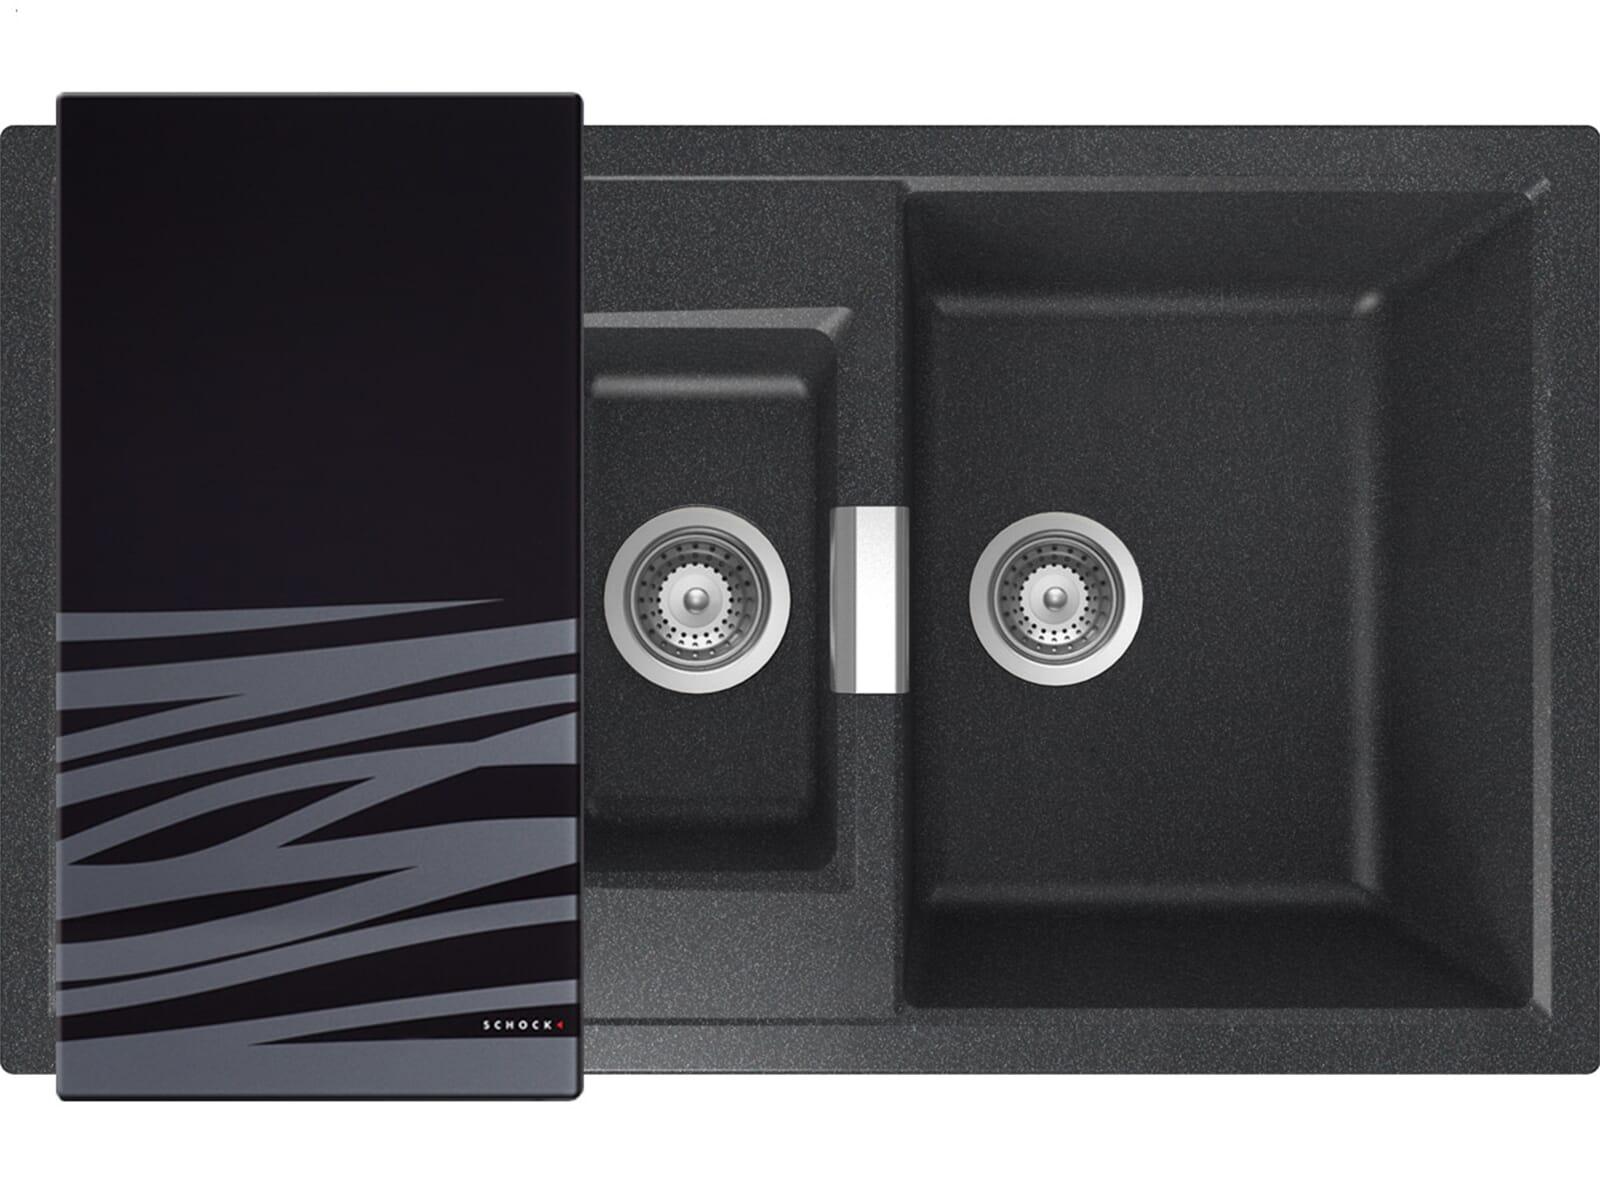 Schock Mono D-150 A Carbonium Granitspüle